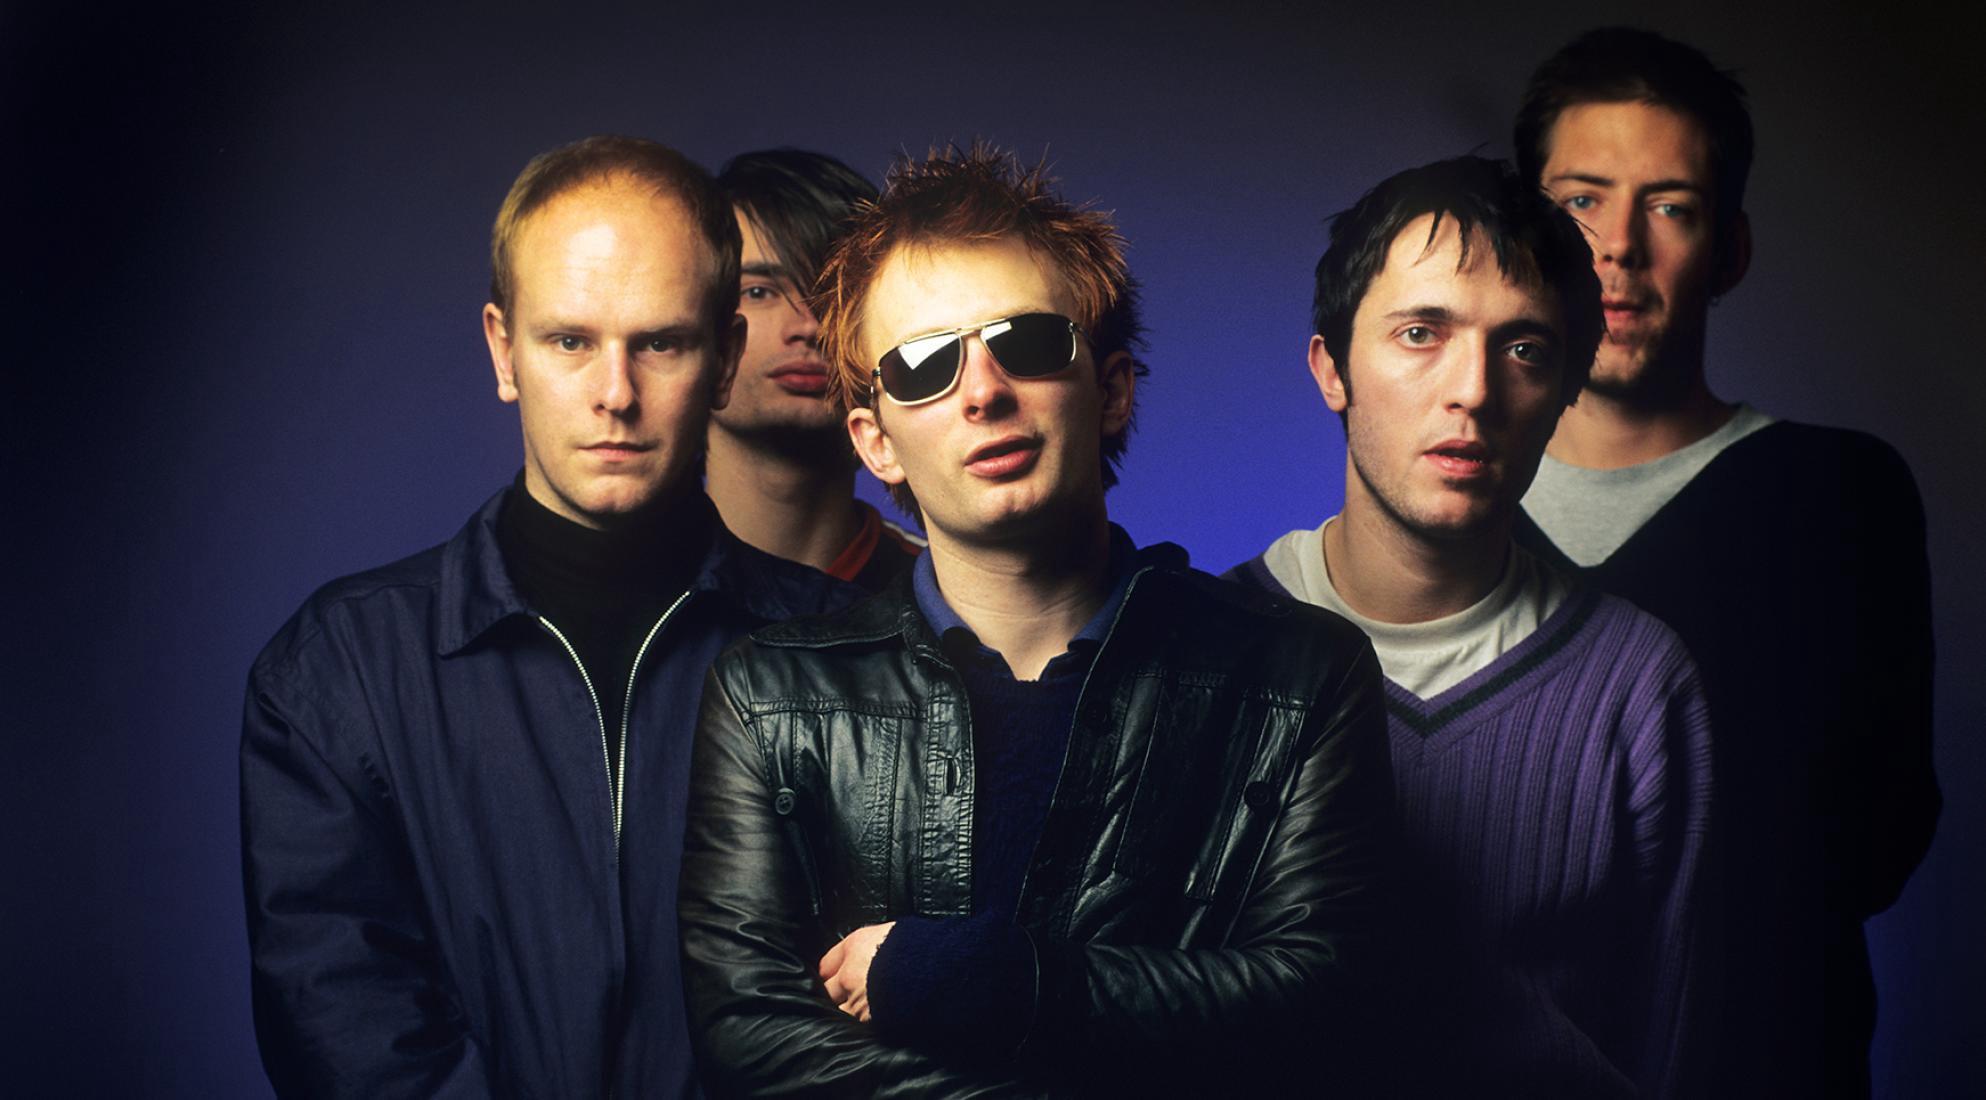 Indie 500: Radiohead, Vampire Weekend, & Saturday Looks Good to Me